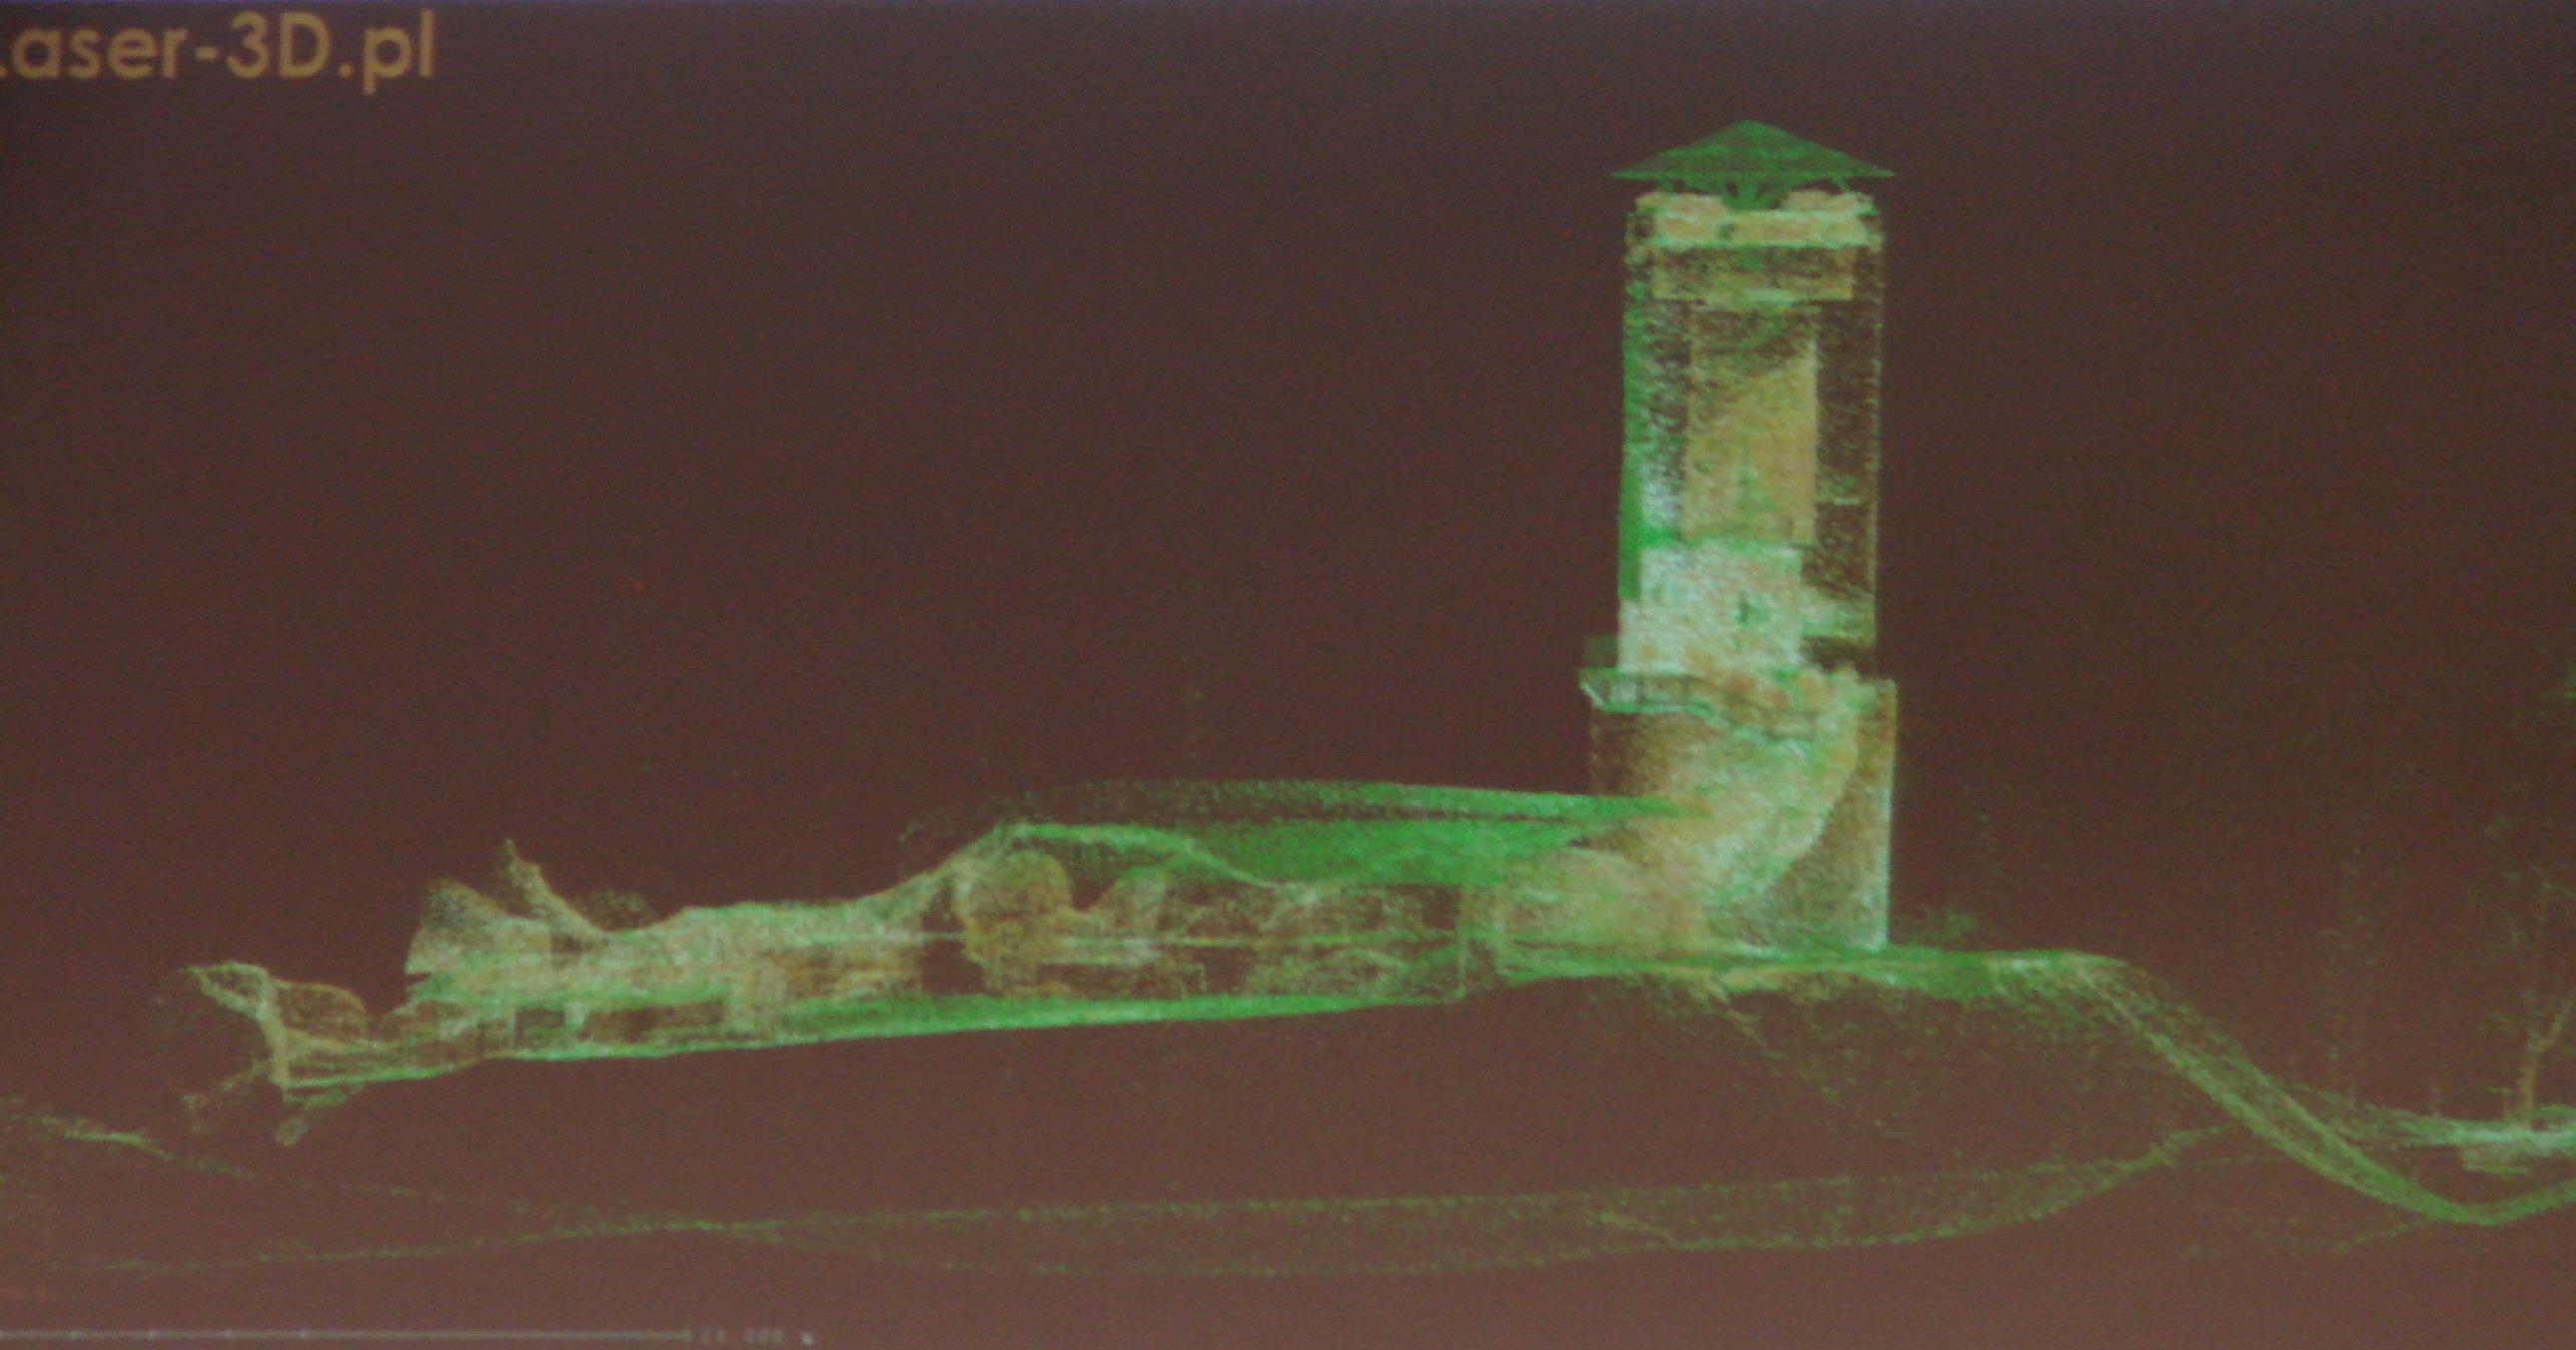 Konferencja naukowa: Zastosowanie skaningu laserowego …